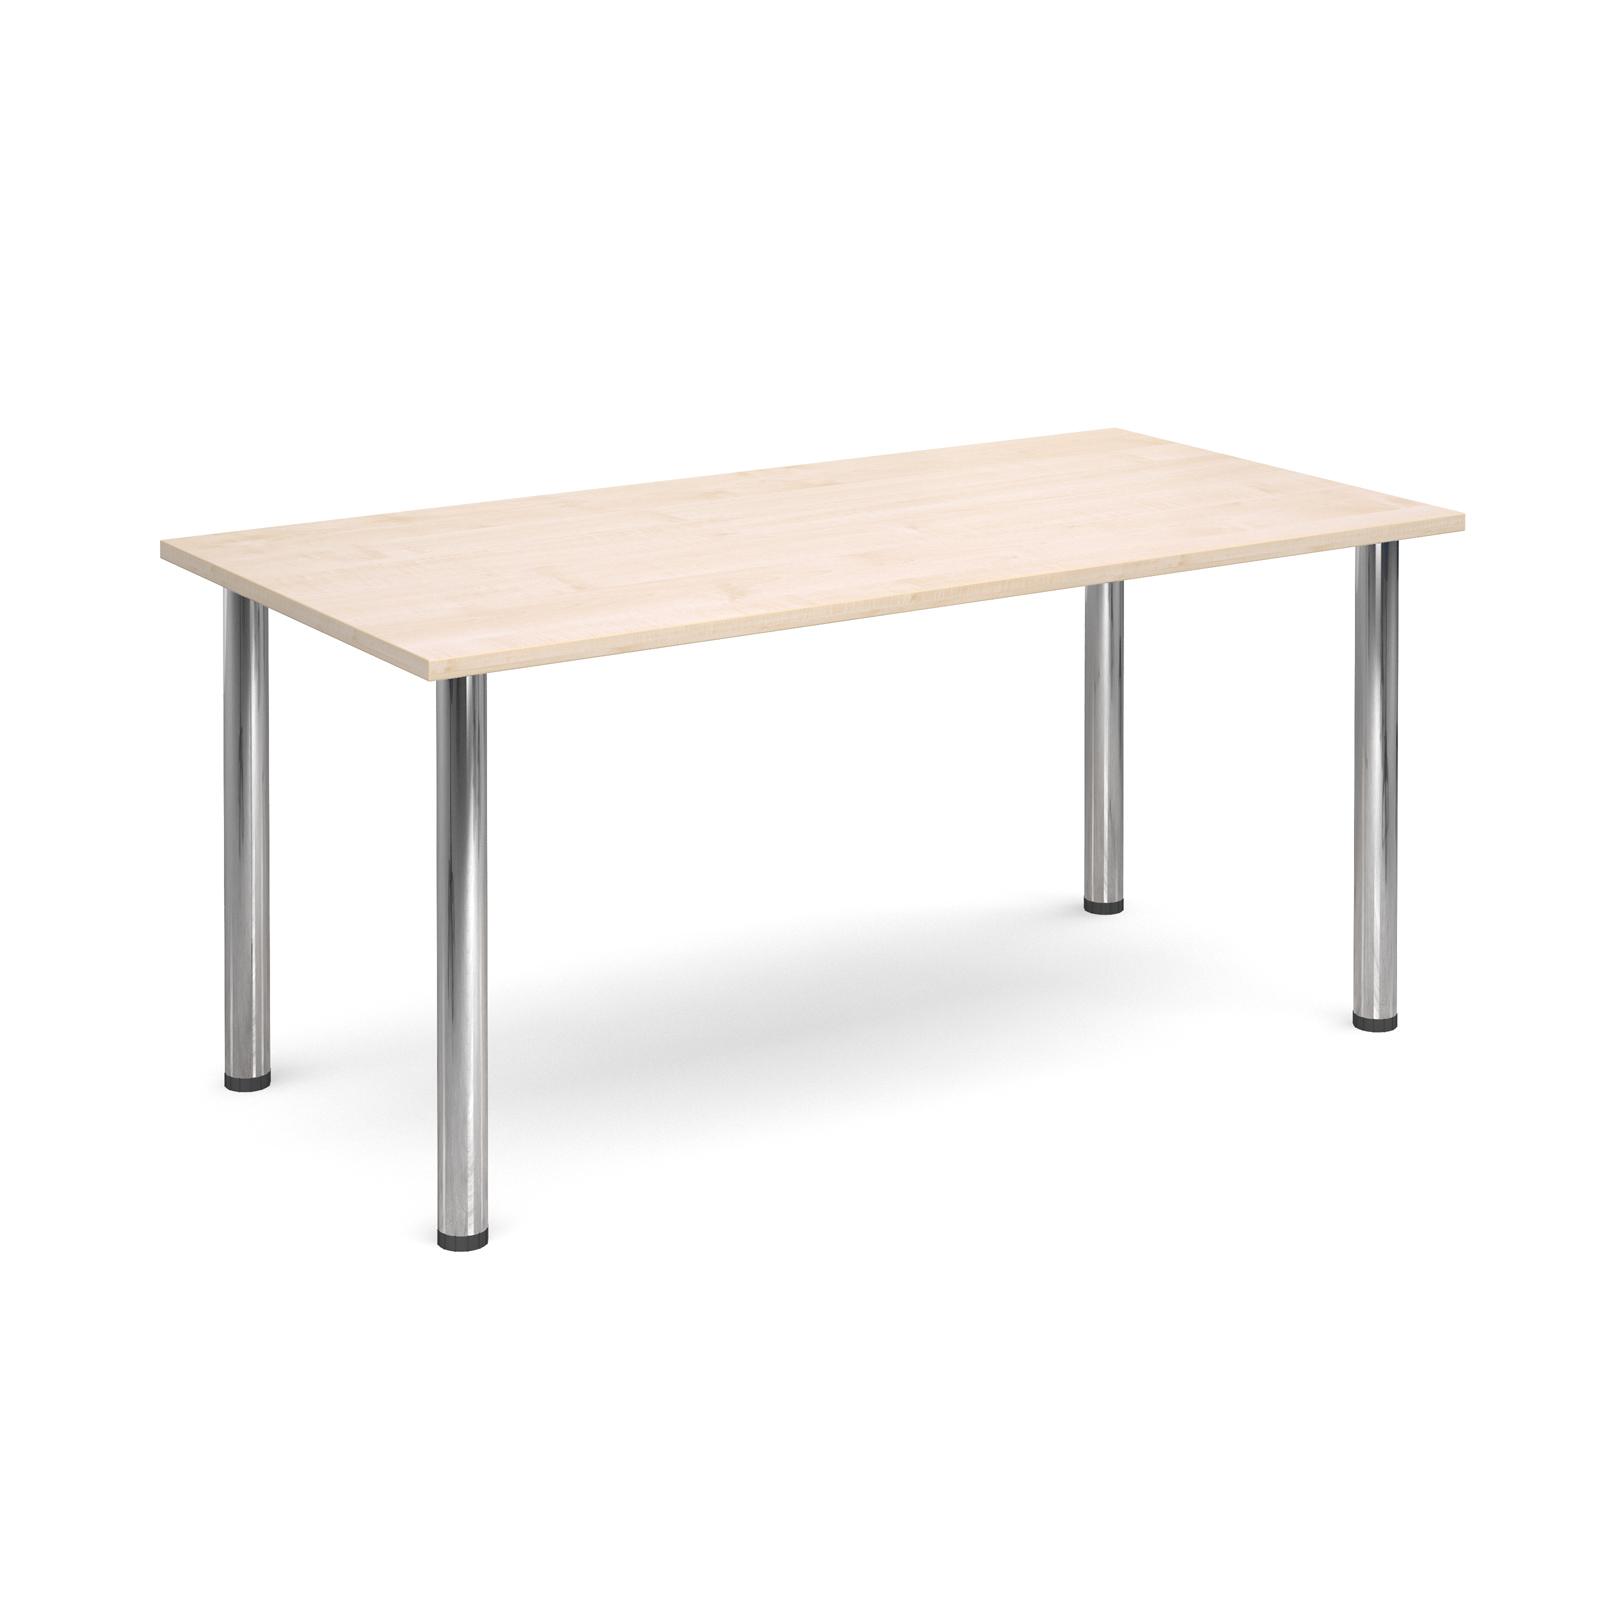 Rectangular deluxe chrome radial leg table 1600mm x 800mm - maple